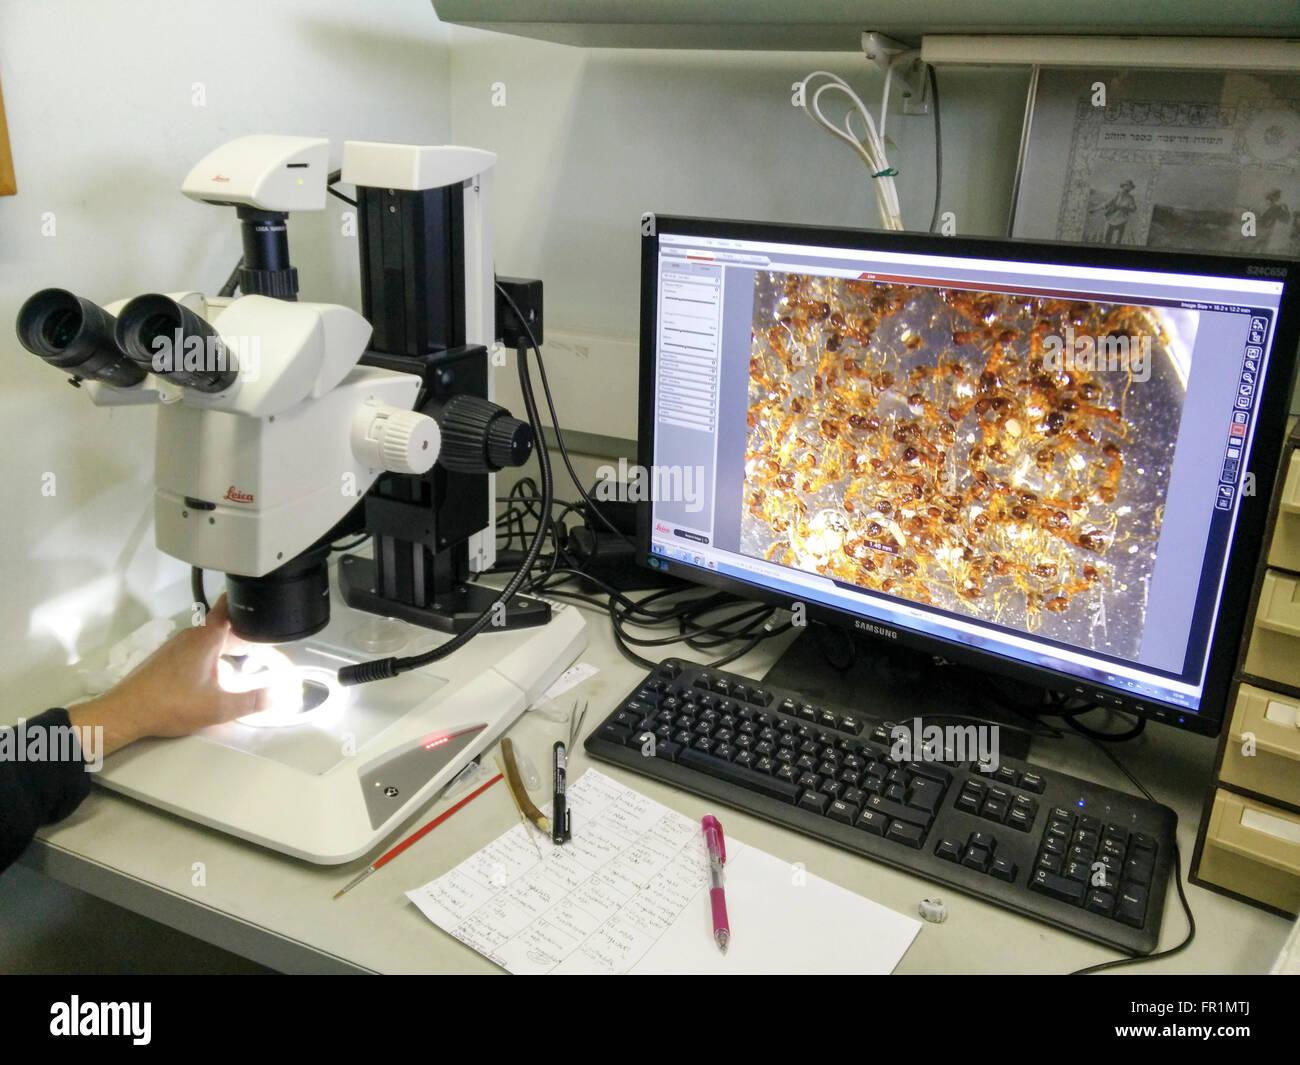 Forschungsinstitut für biologie wird das bild aus einem optischen